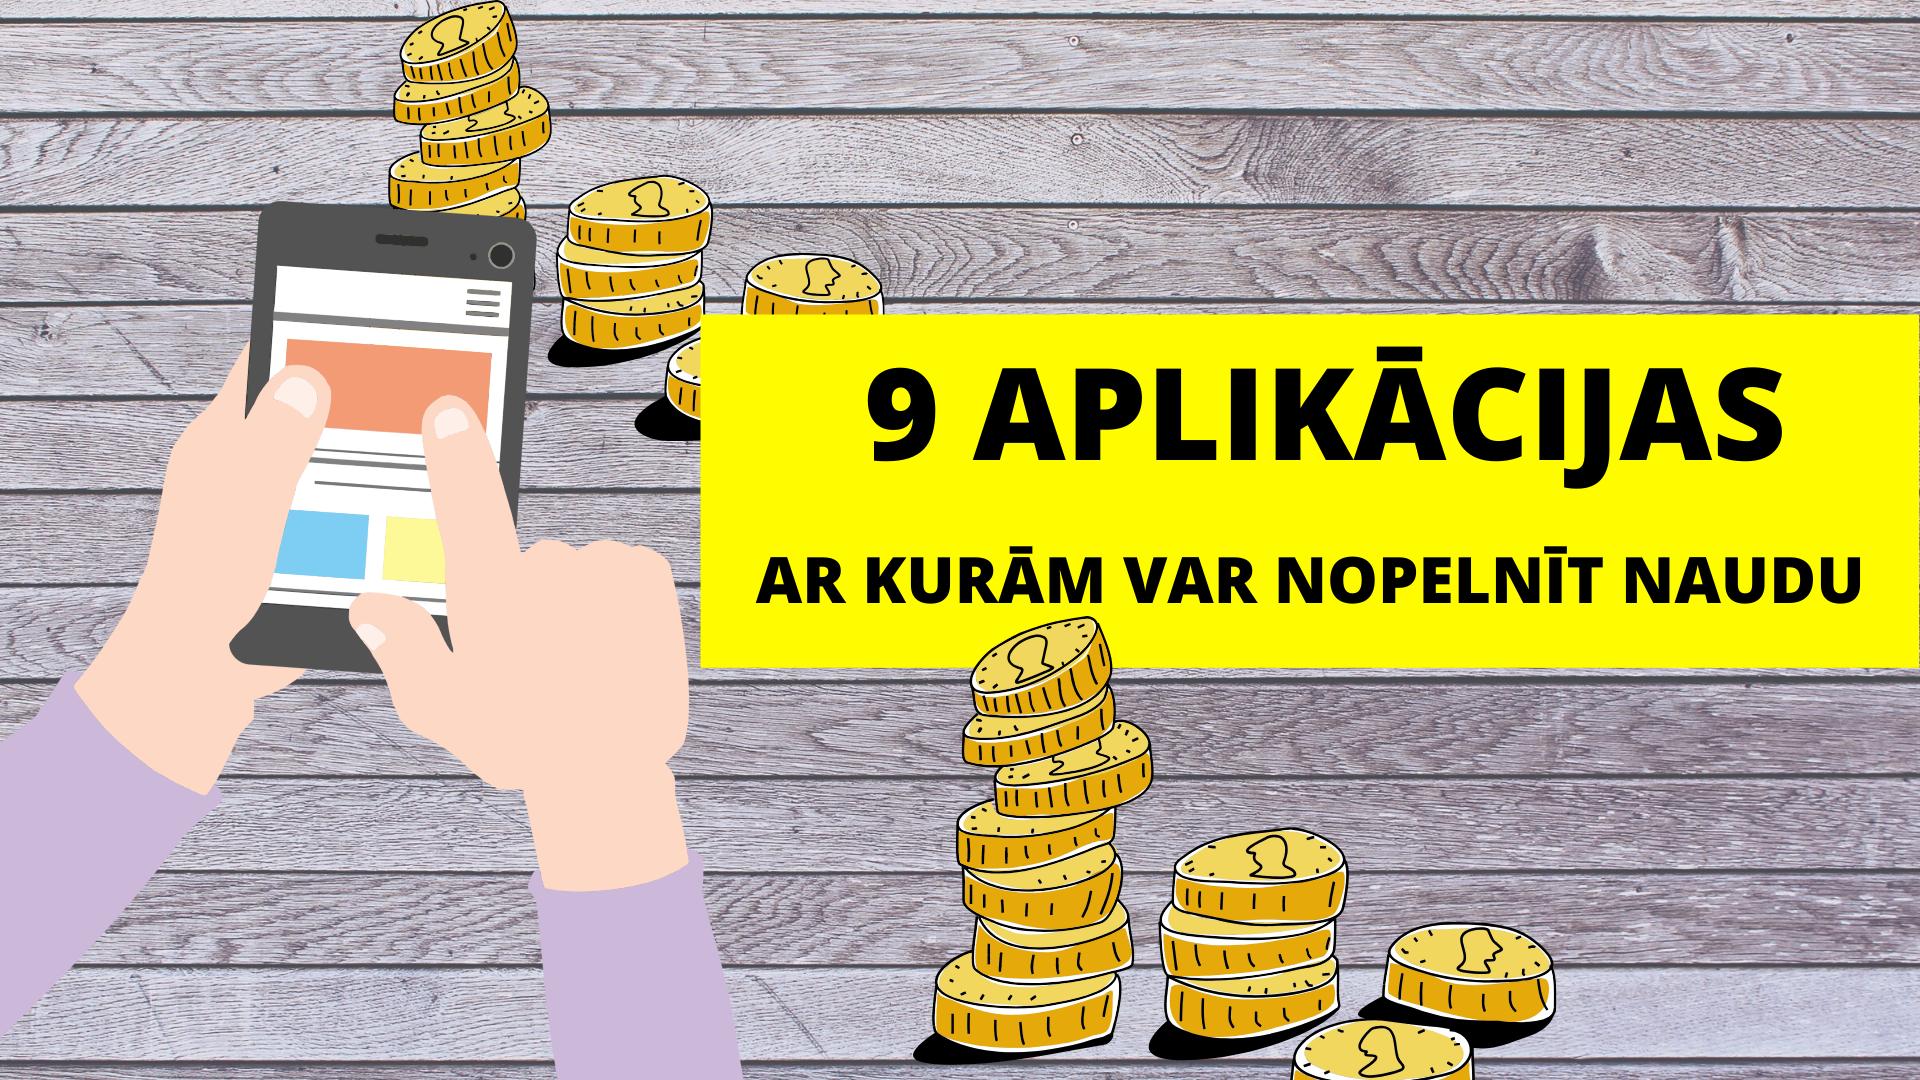 Top Veidi Kā Nopelnīt Naudu Internetā - 13 Veidi, Kā Nopelnīt Eiro Dienā! | azboulings.lv